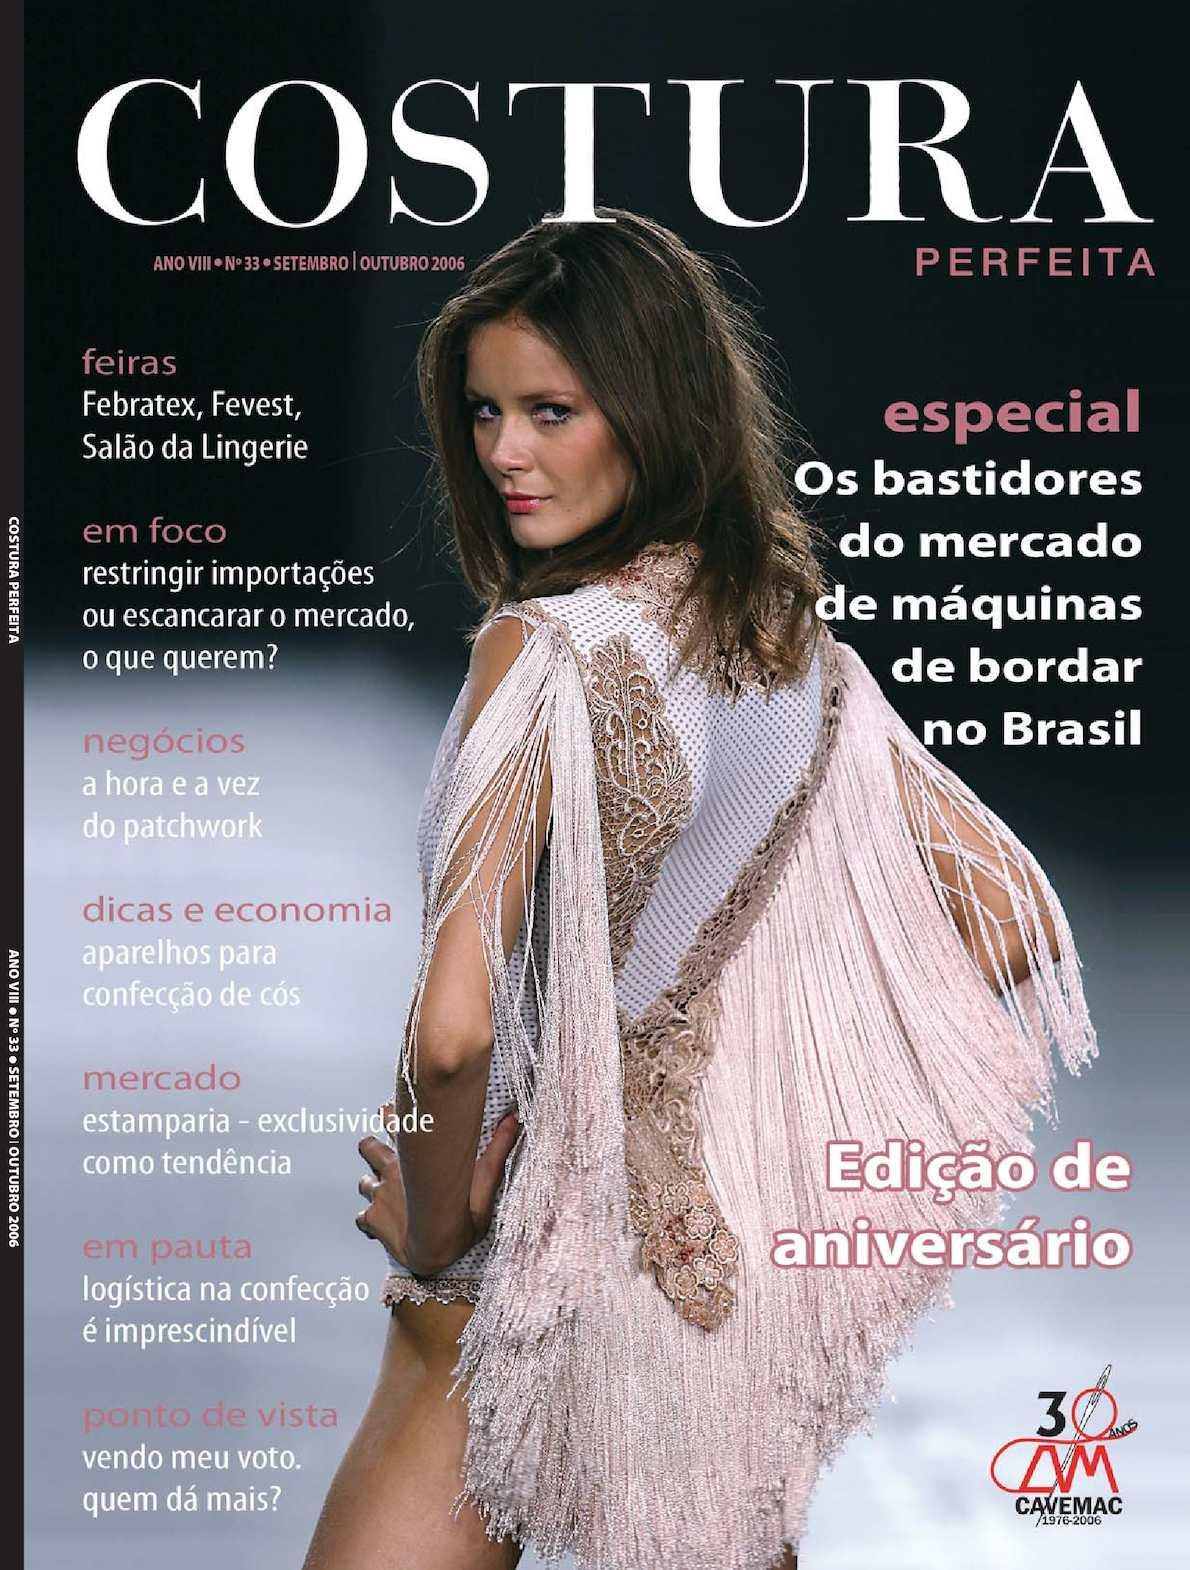 bcd306226 Calaméo - Revista Costura Perfeita Edição Ano Viii N33 Setembro Outubro 2006